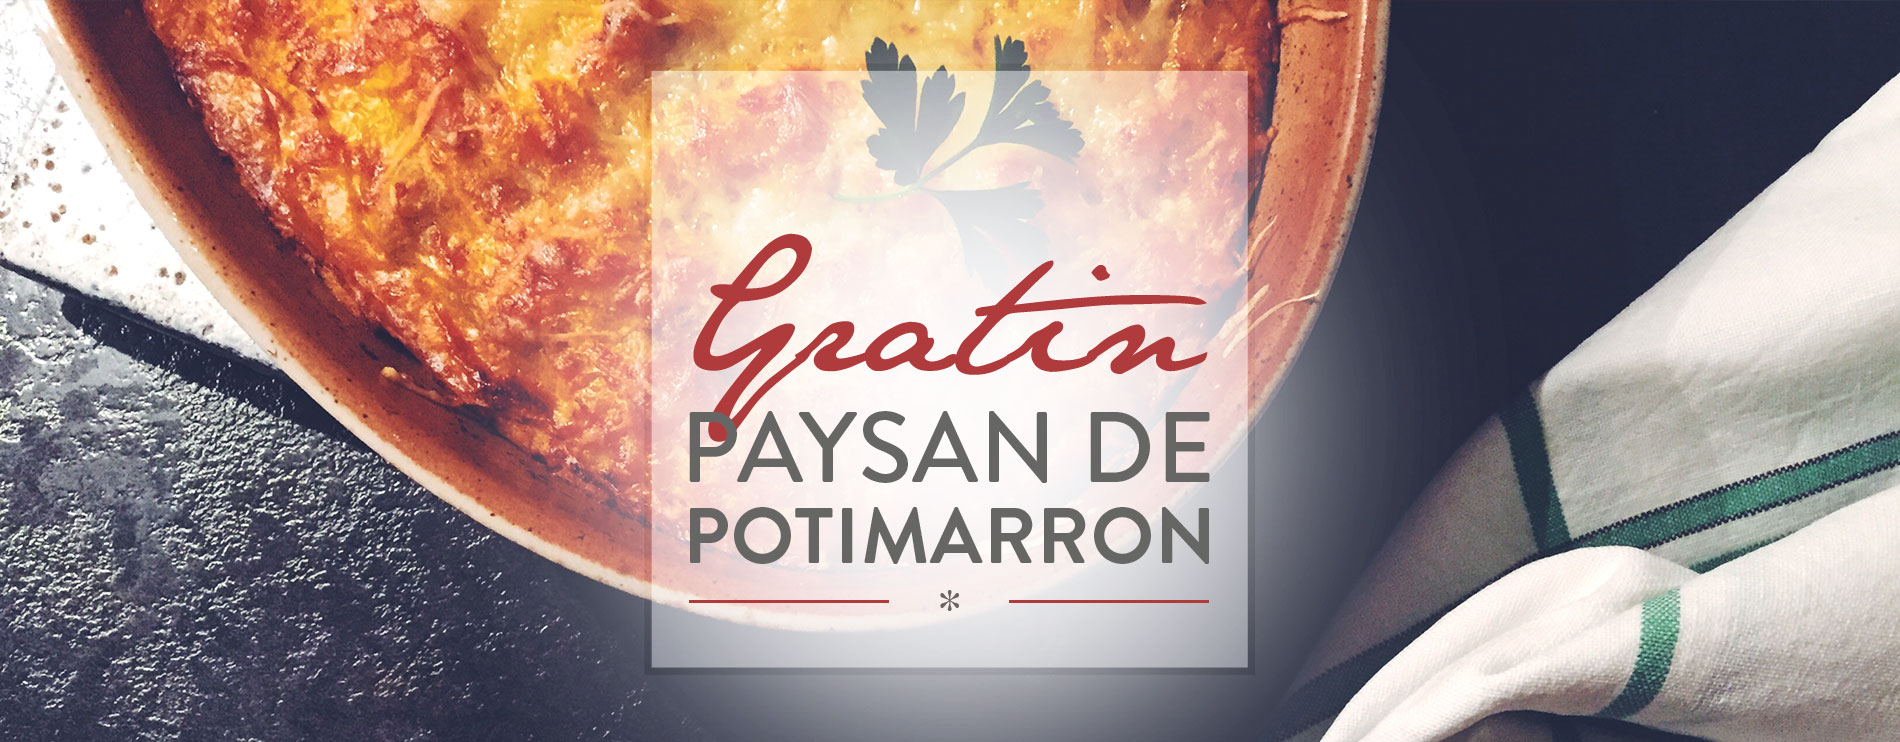 Food-FR_Gratin-paysan-de-potimarron